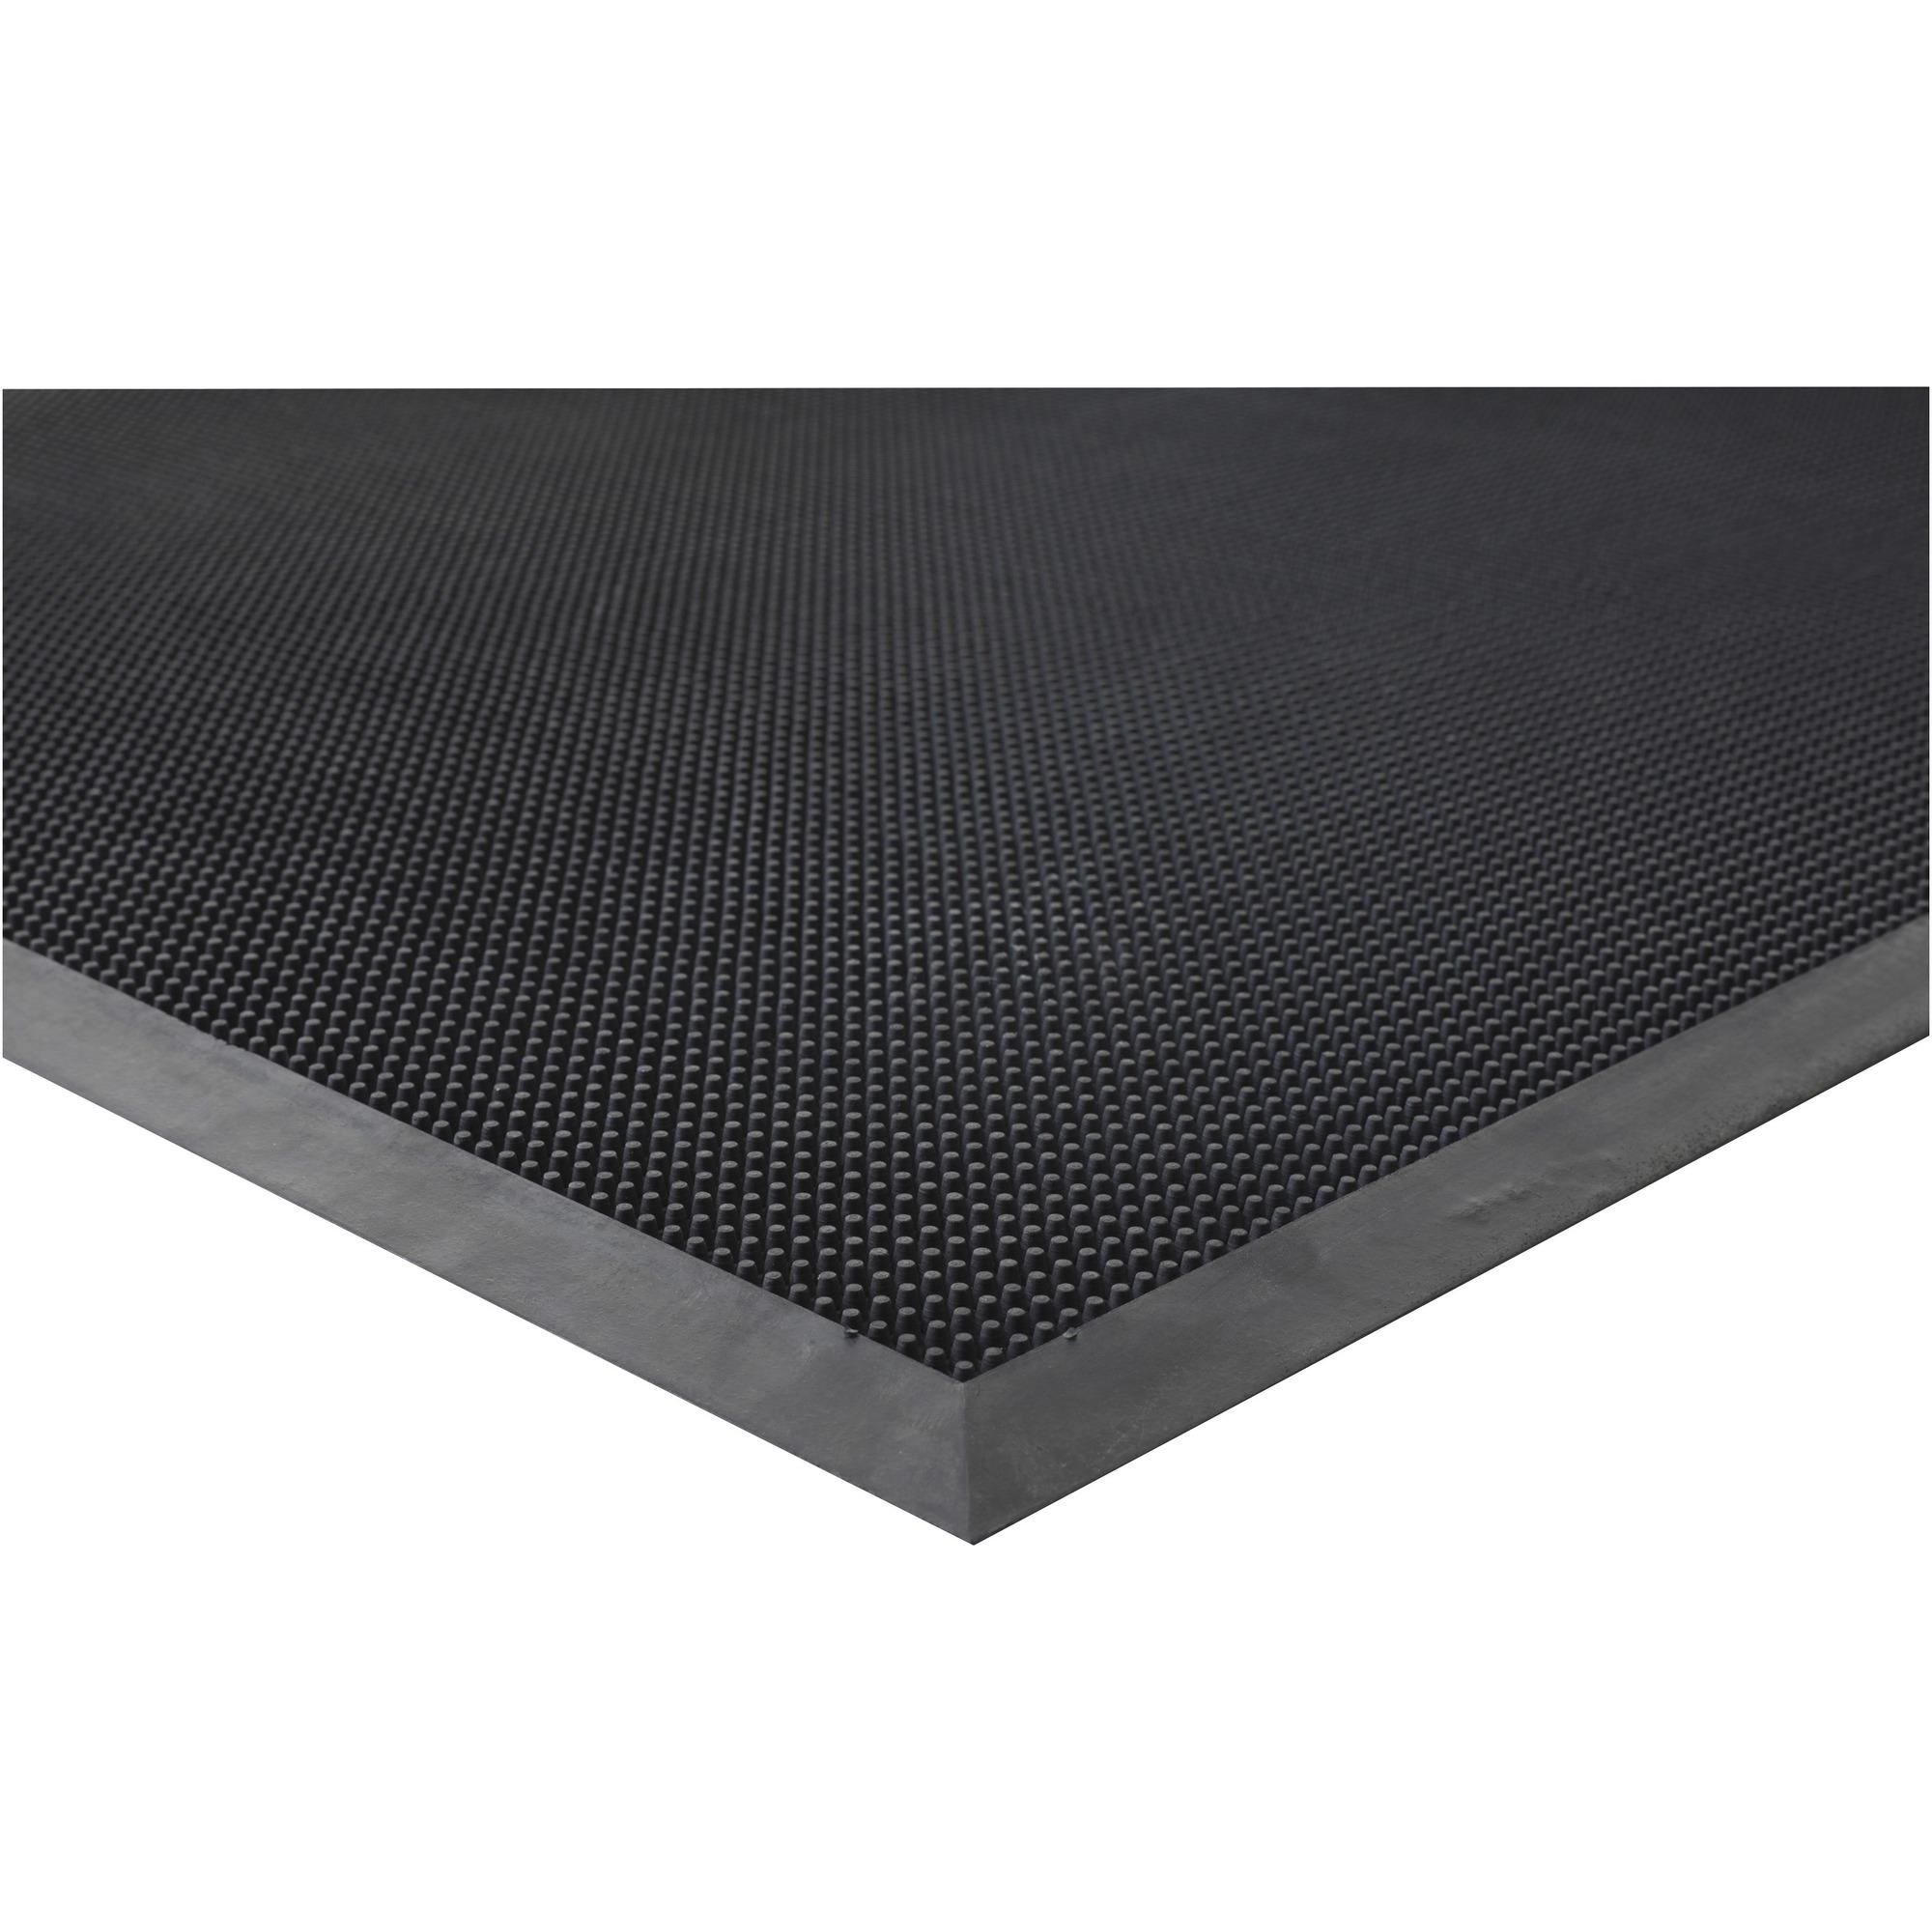 Genuine Joe Brush Tip Scraper Mat - Indoor, Outdoor - 60 Length X 36 Width X 0.40 Thickness - Rectangle - Rubber - Black